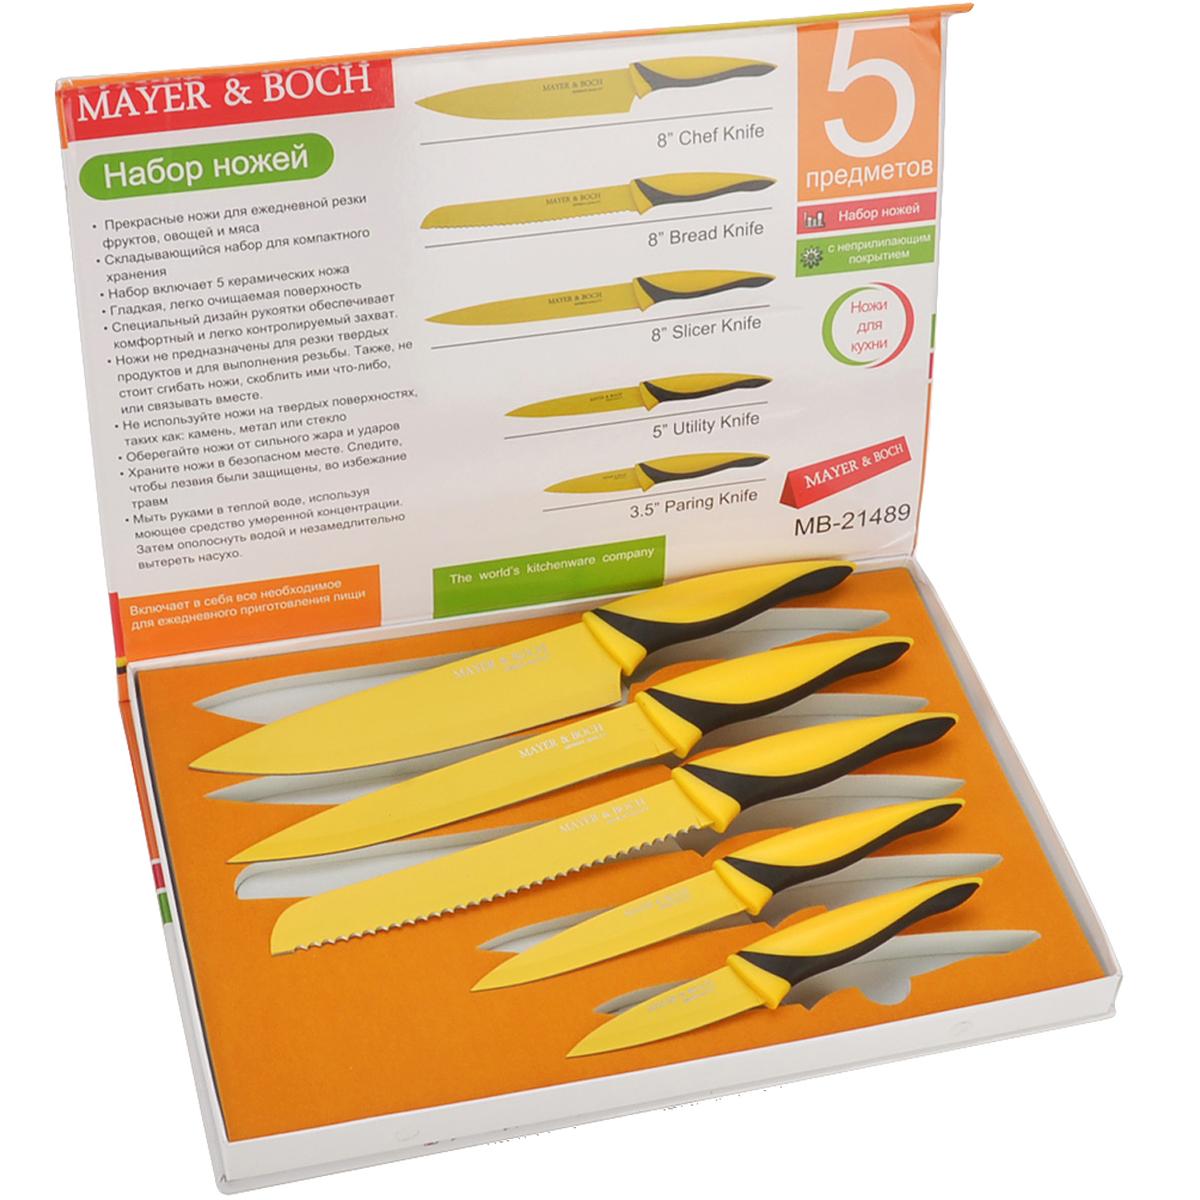 """Набор ножей """"Mayer&Boch"""" с лезвиями из высококачественной нержавеющей стали станет  незаменимым помощником на вашей кухне. Лезвия со специальным покрытием,  предотвращающим прилипание продуктов к лезвию ножа, а также с антибактериальным  покрытием, обеспечивающим свежесть и гигиеничность продуктов. Сечение ножей -  клинообразно, что позволяет режущей кромке клинка быть продолжительное время острой.  Поверхность клинков легко моется, не впитывает и не «передает» запахи пищи при  параллельной нарезке различных продуктов. Набор ножей идеально подойдет для резки как  мяса и рыбы, так и фруктов и овощей. Эргономичная рукоятка каждого изделия удобно  ложится в ладонь, обеспечивая безопасную работу, комфортное положение в руке,  надежный захват и не дает ножам скользить при использовании. Яркий дизайн изделий  украсит вашу кухню, а благодаря красивой упаковке, такой набор станет еще и прекрасным  подарком!"""